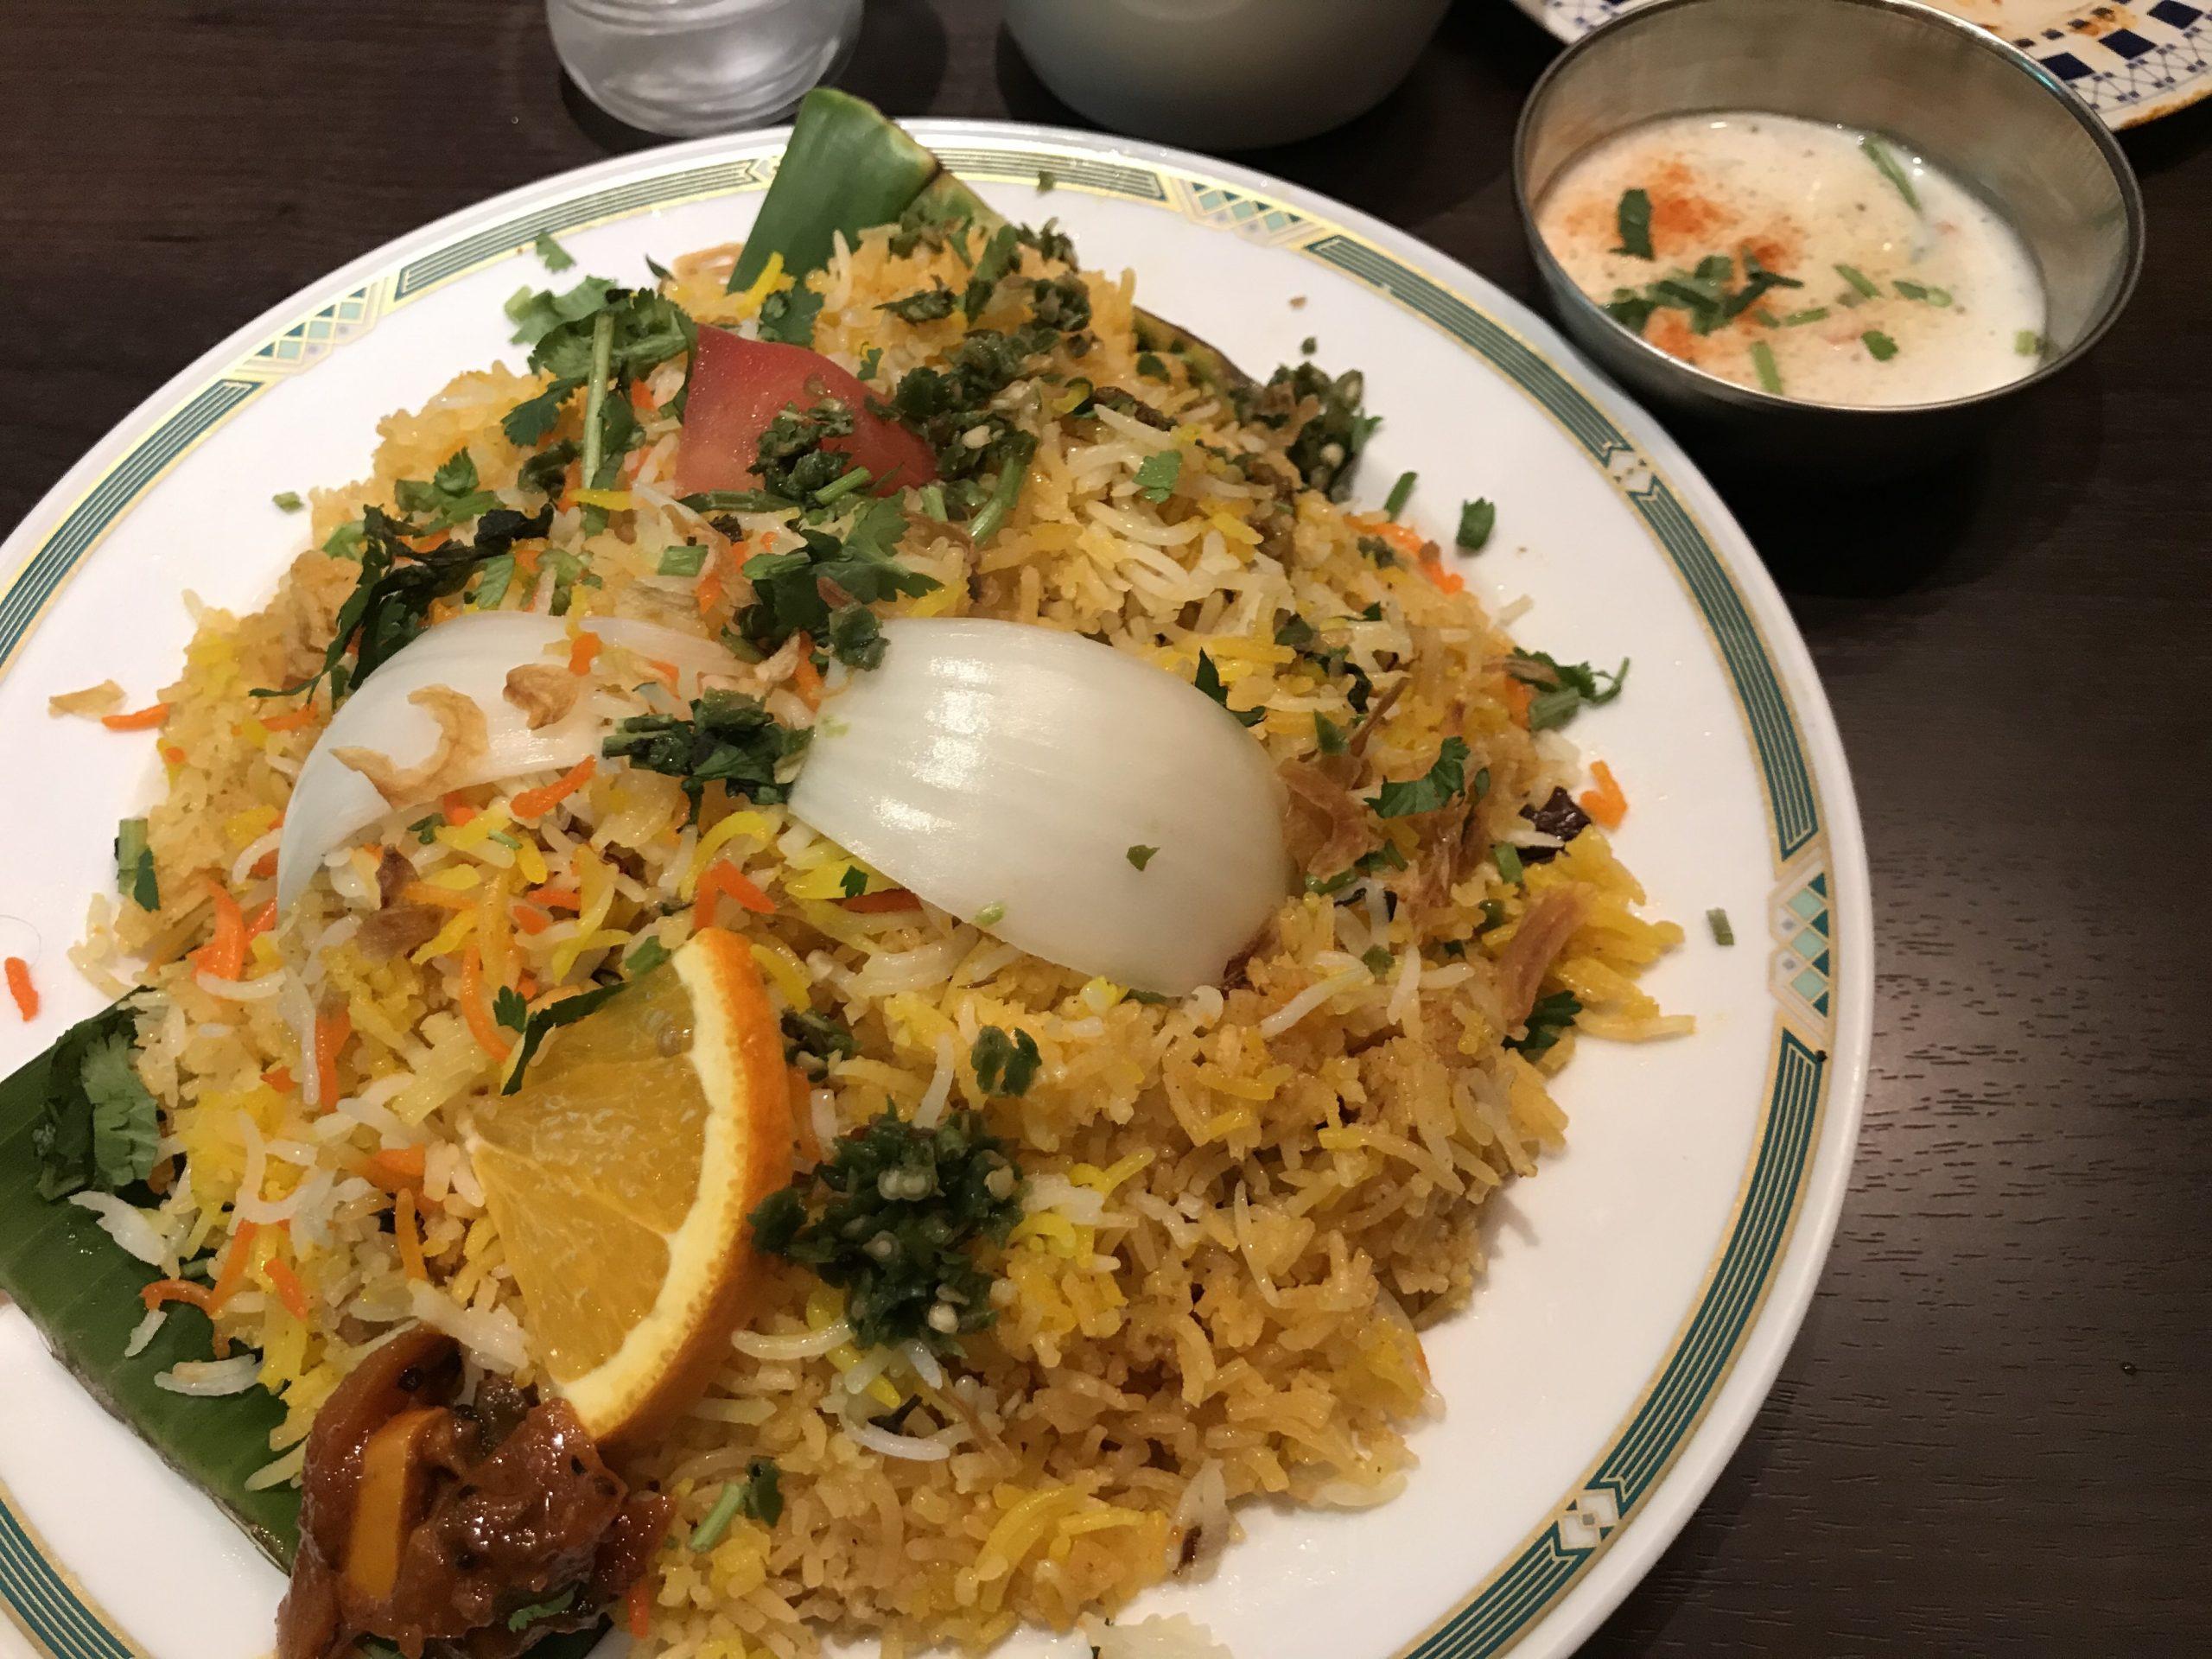 「東京のおすすめインド料理3選!美味しいカレーやビリヤニを食べよう」のアイキャッチ画像